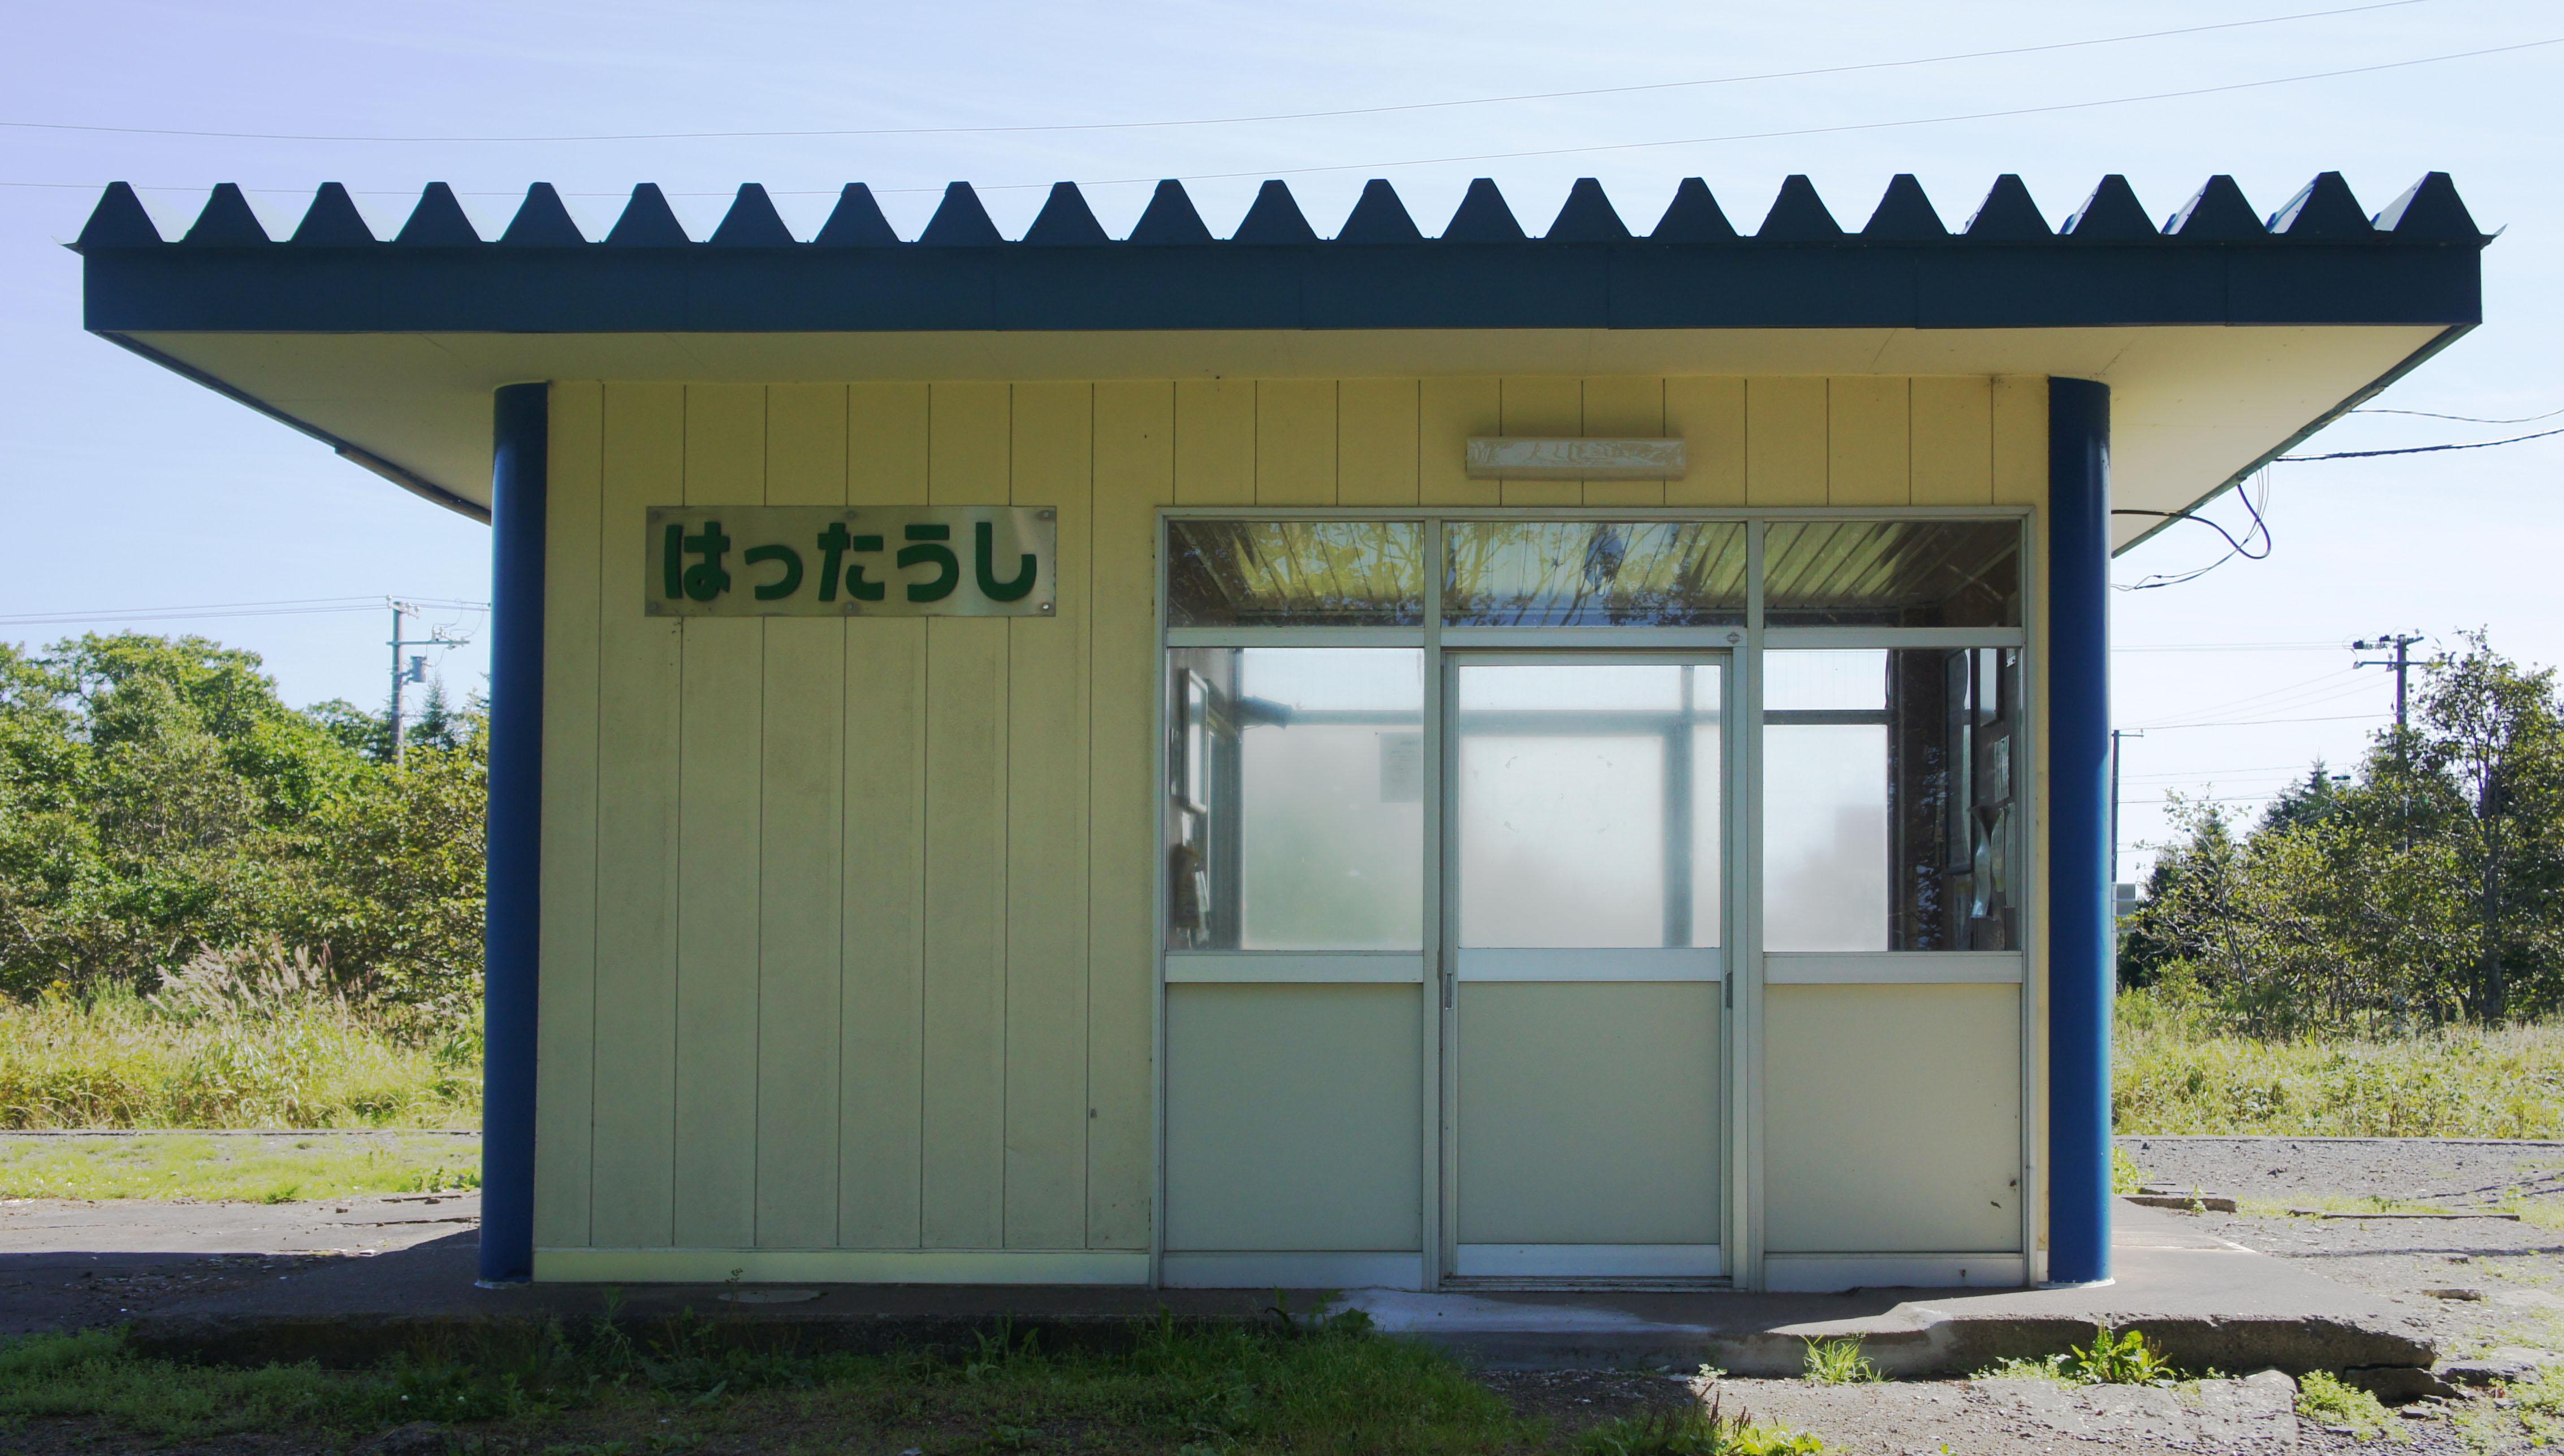 핫타우시 역